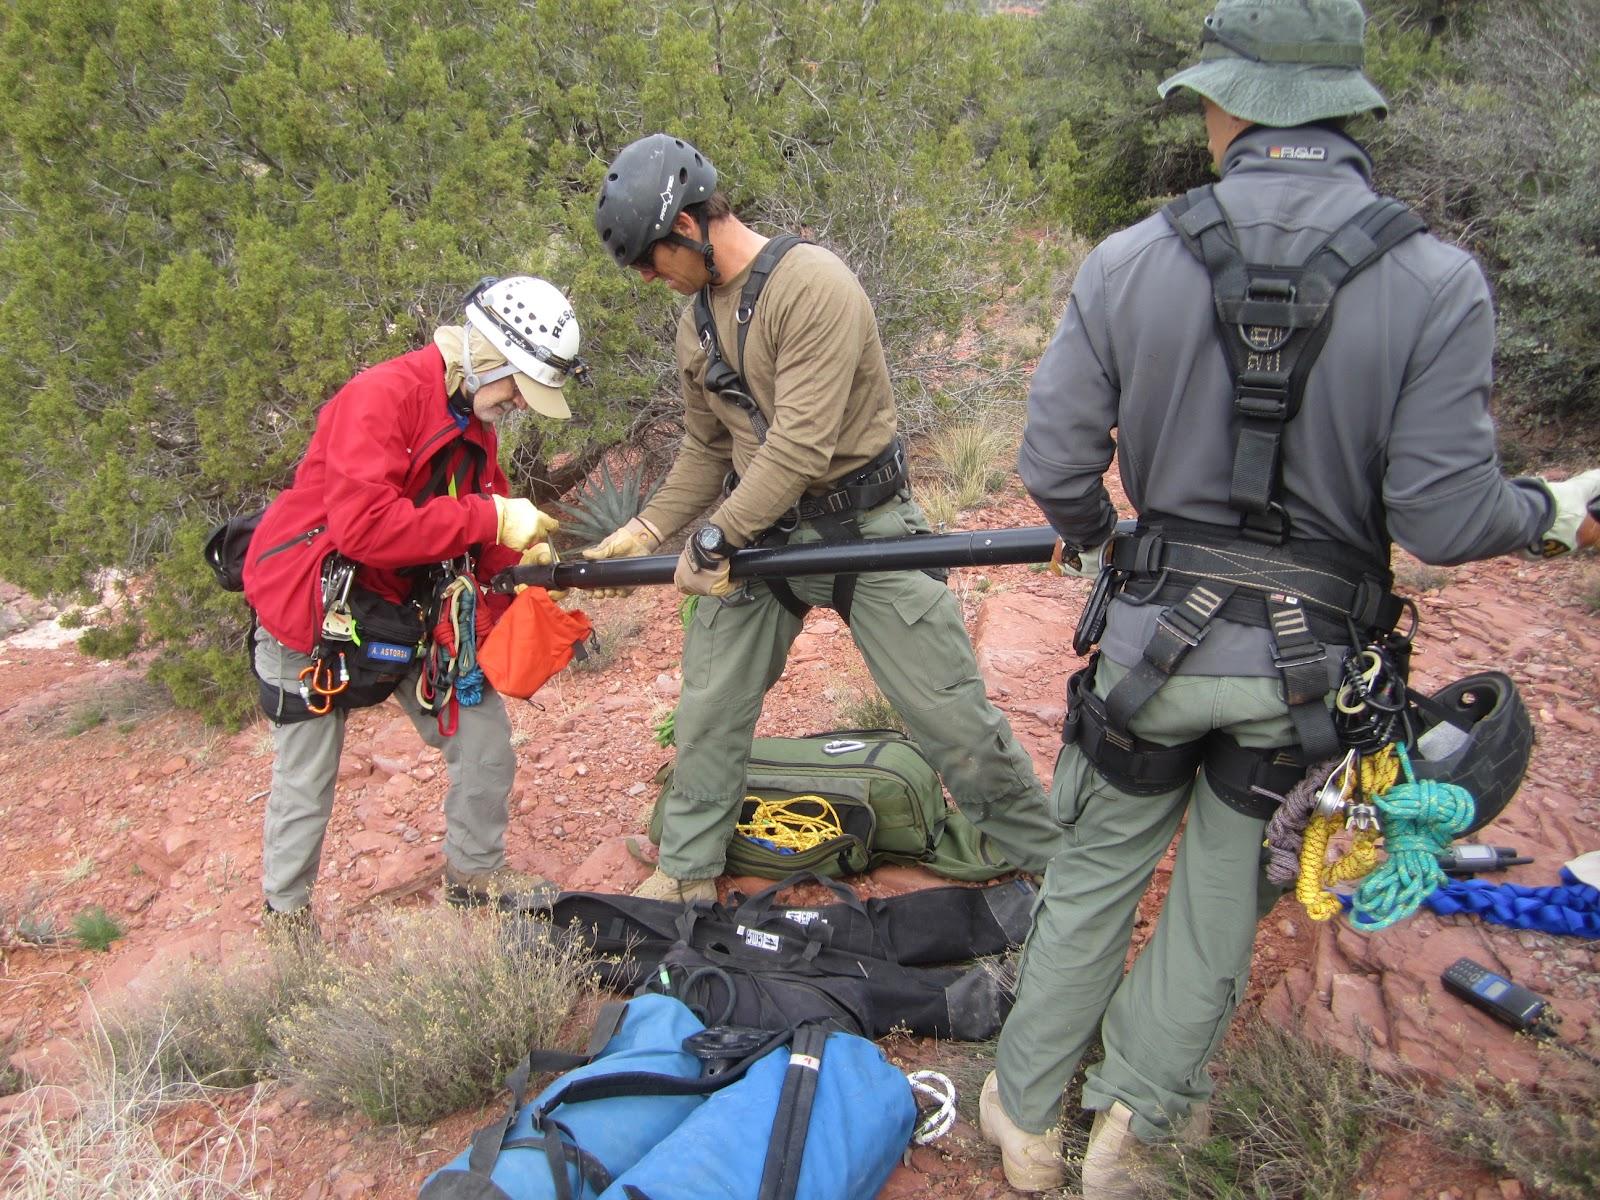 Border Patrol, Search, Trauma and Rescue - Wikipedia